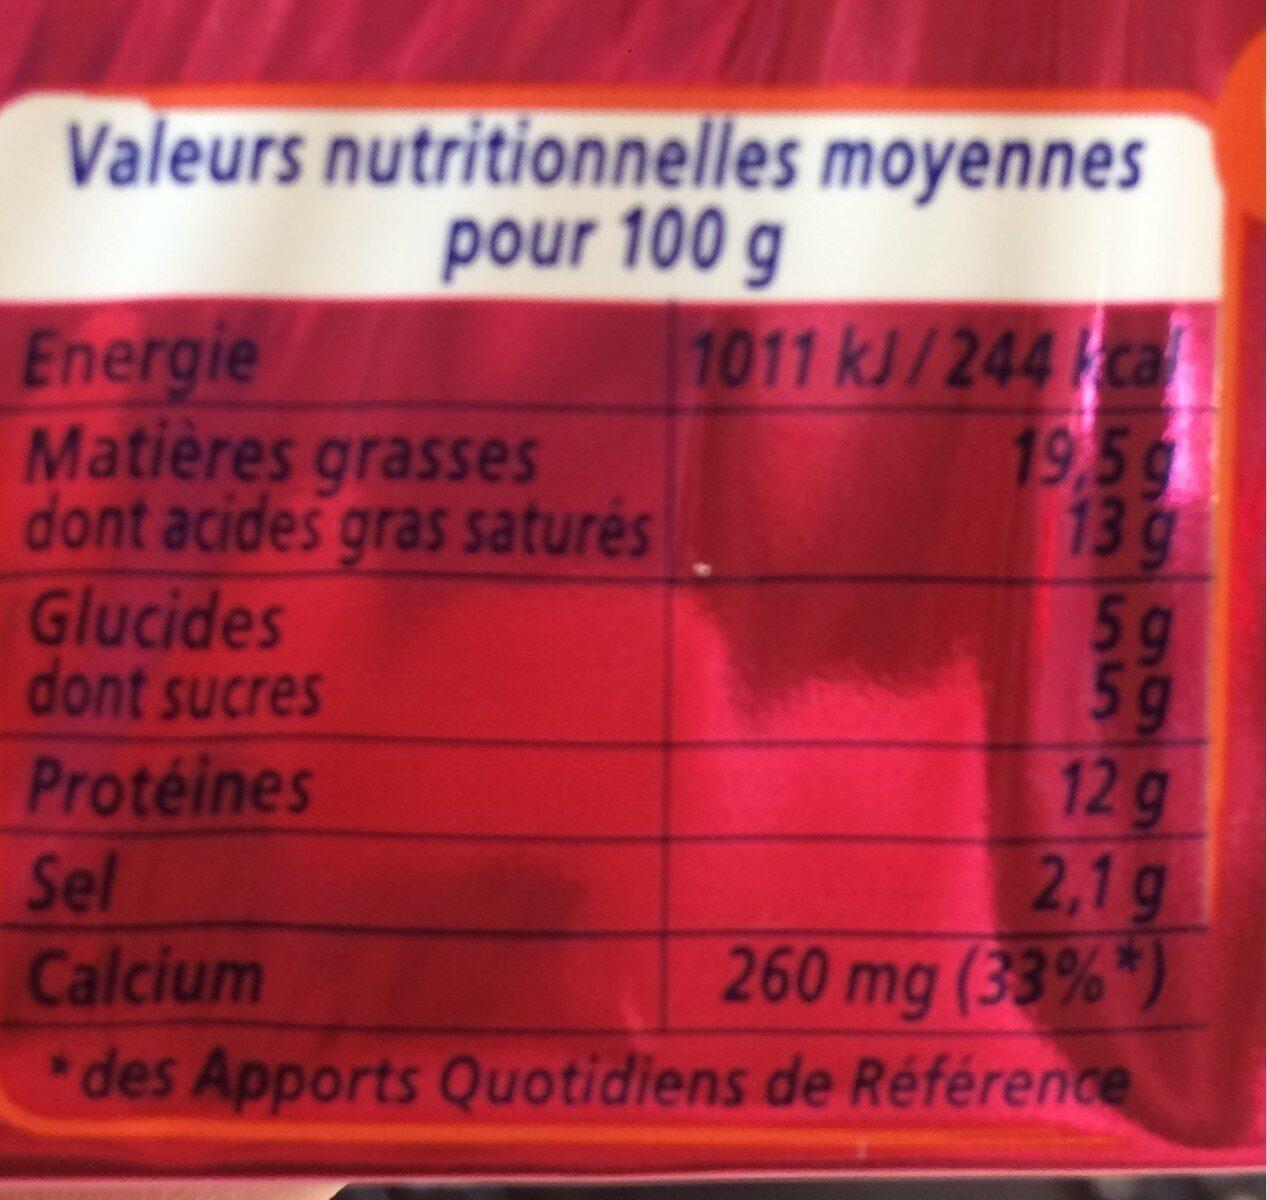 Apéricube Incontournables de l'Apéro 48C - Nutrition facts - fr